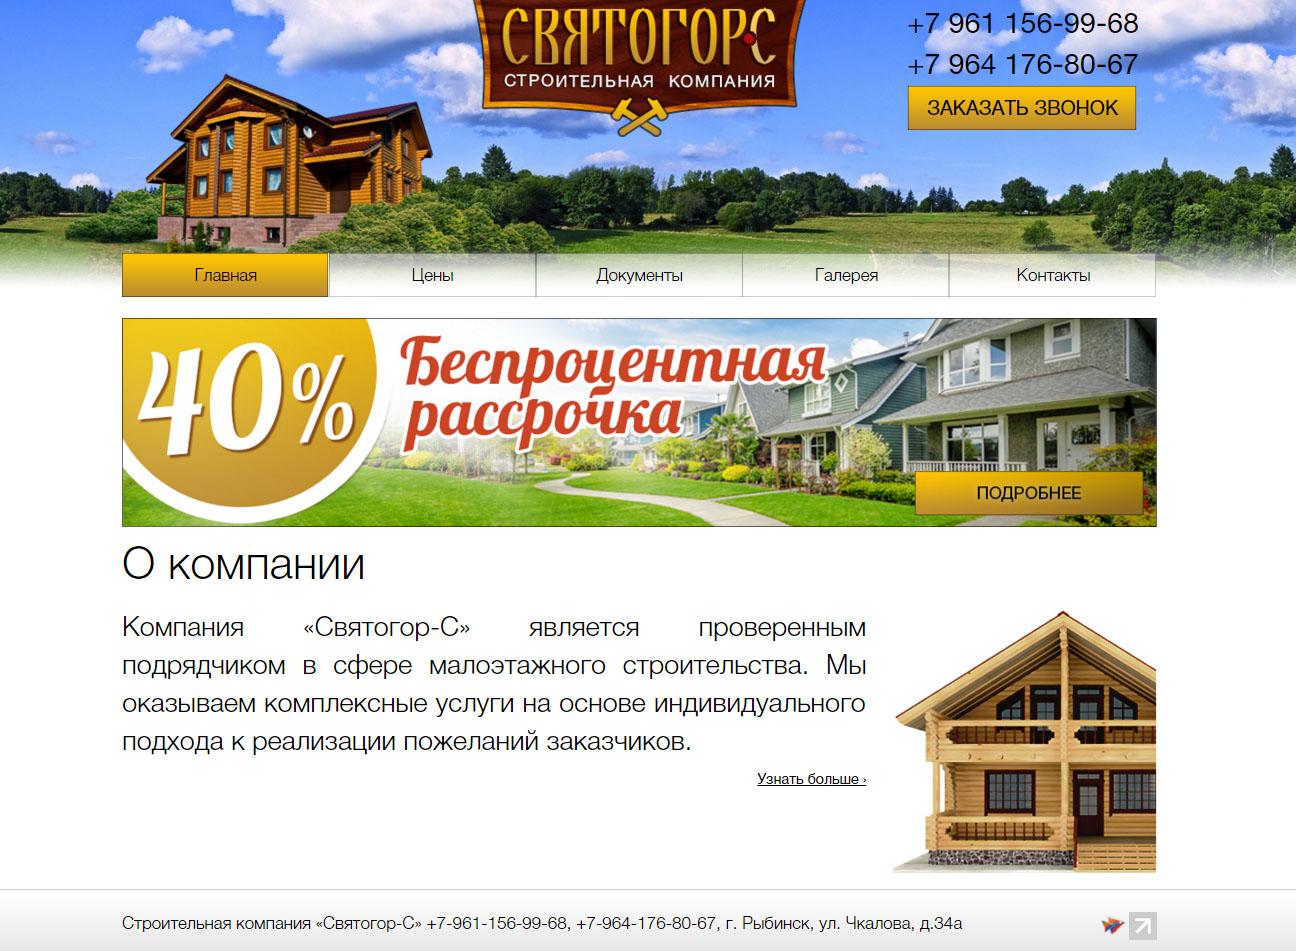 Создание сайта строительной компании Святогор-С